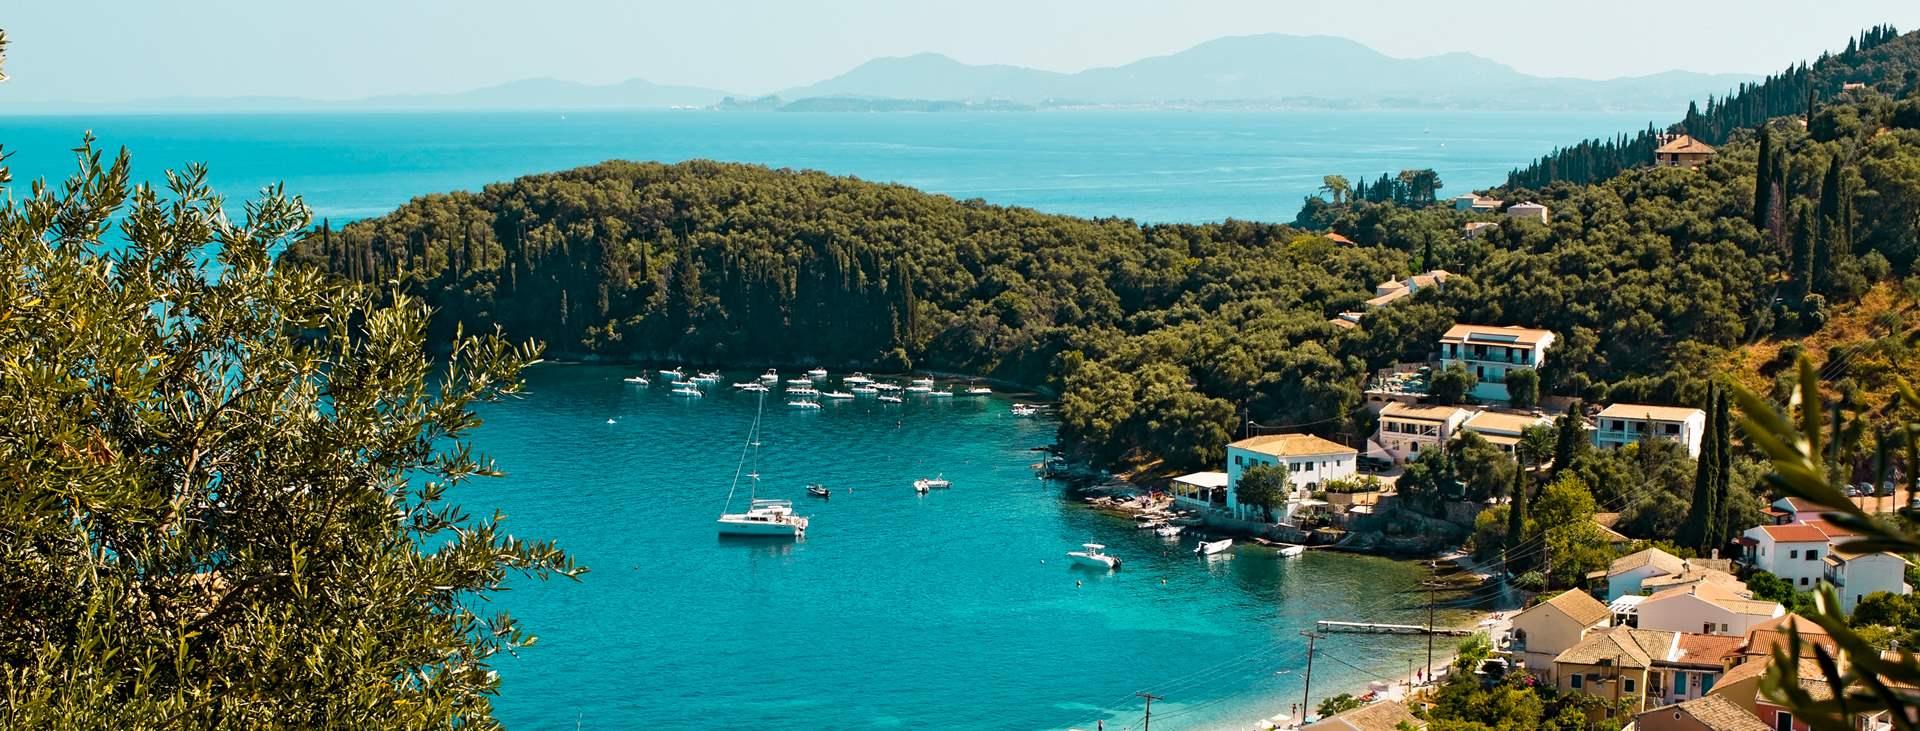 Bestill en reise til Kalami på Korfu med Ving